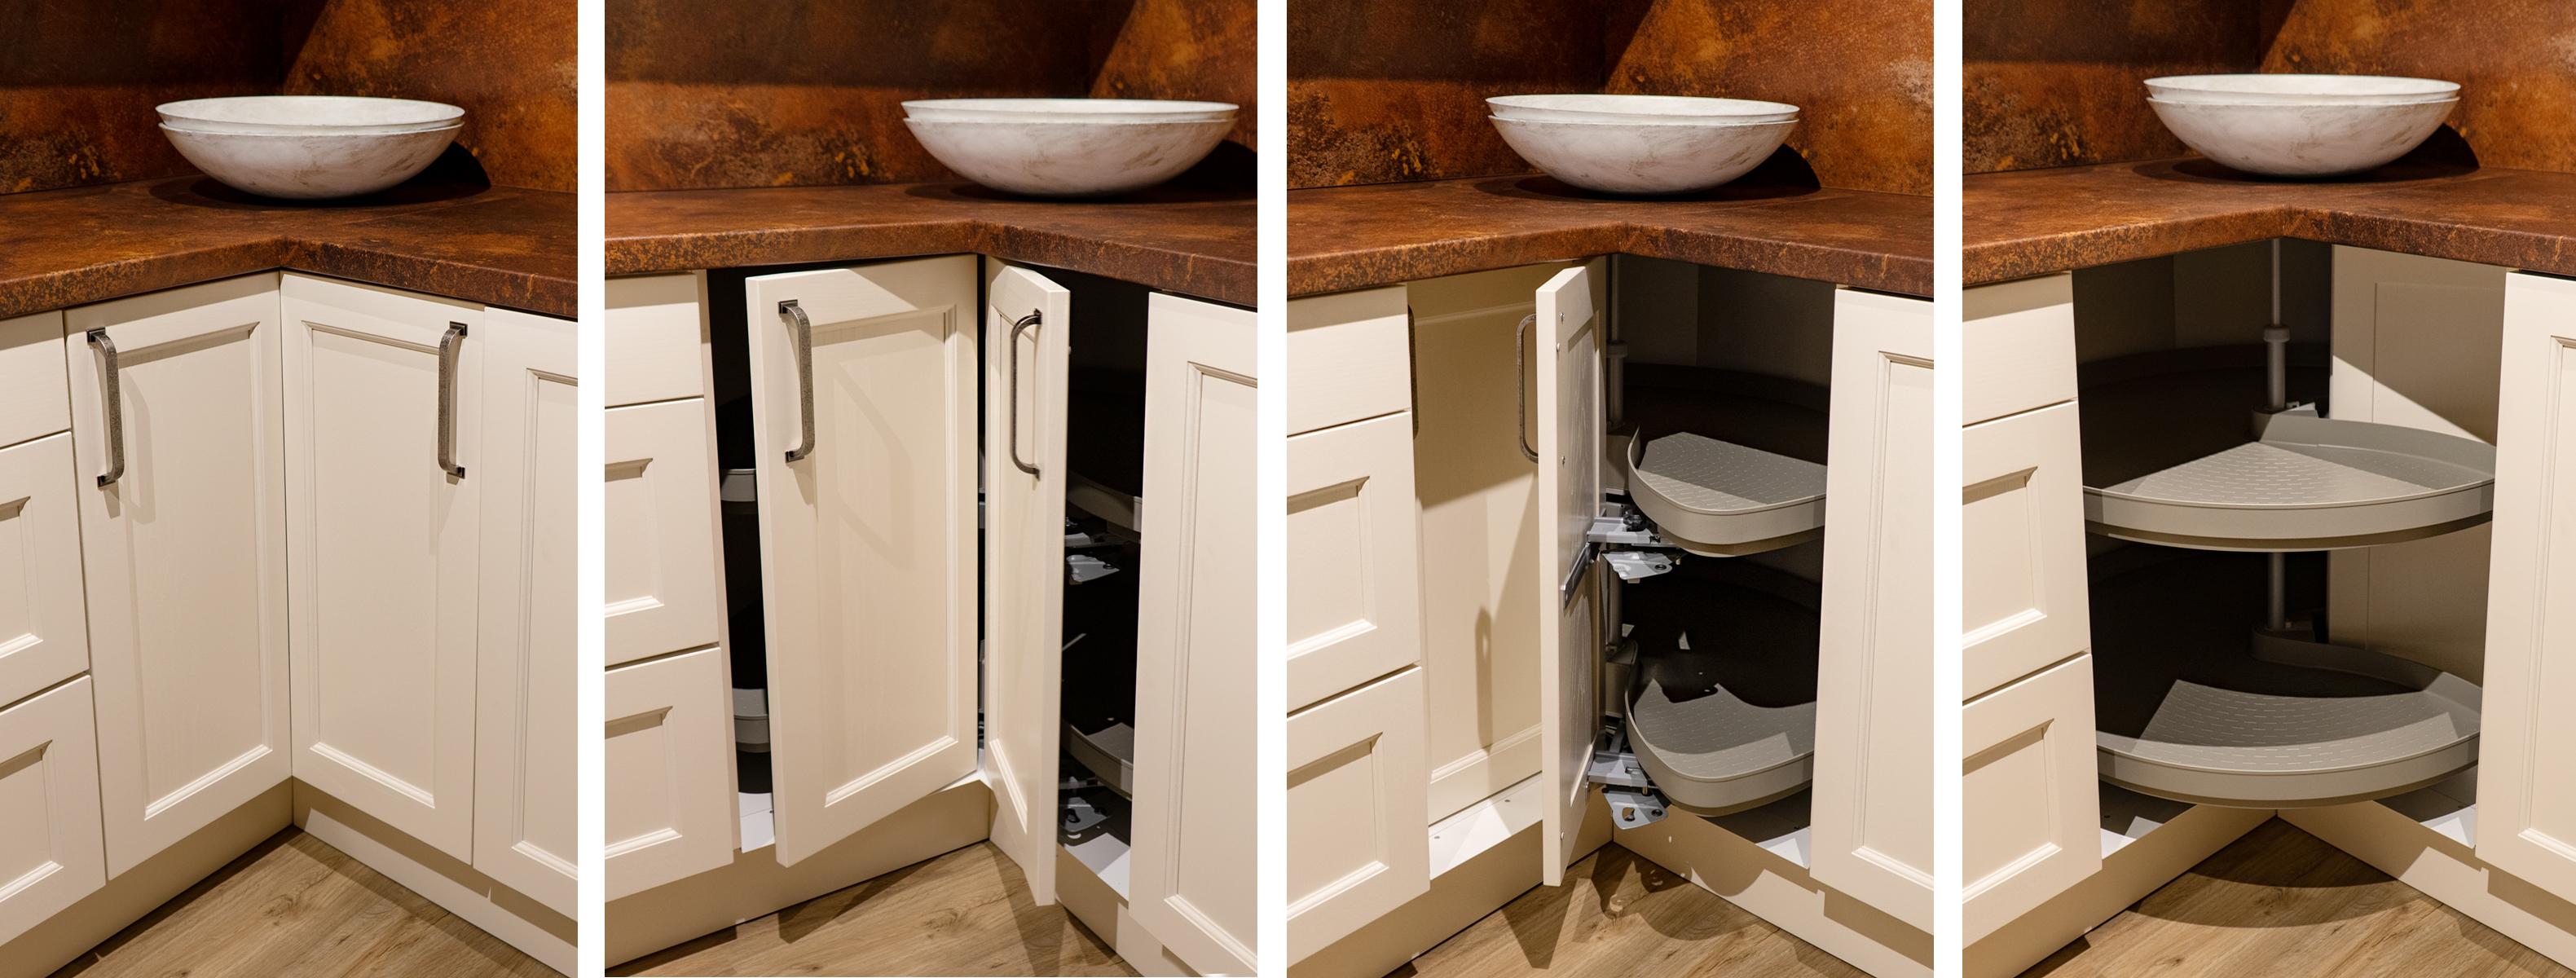 SAAR Küchen Ordnungssysteme Eck-Rondell